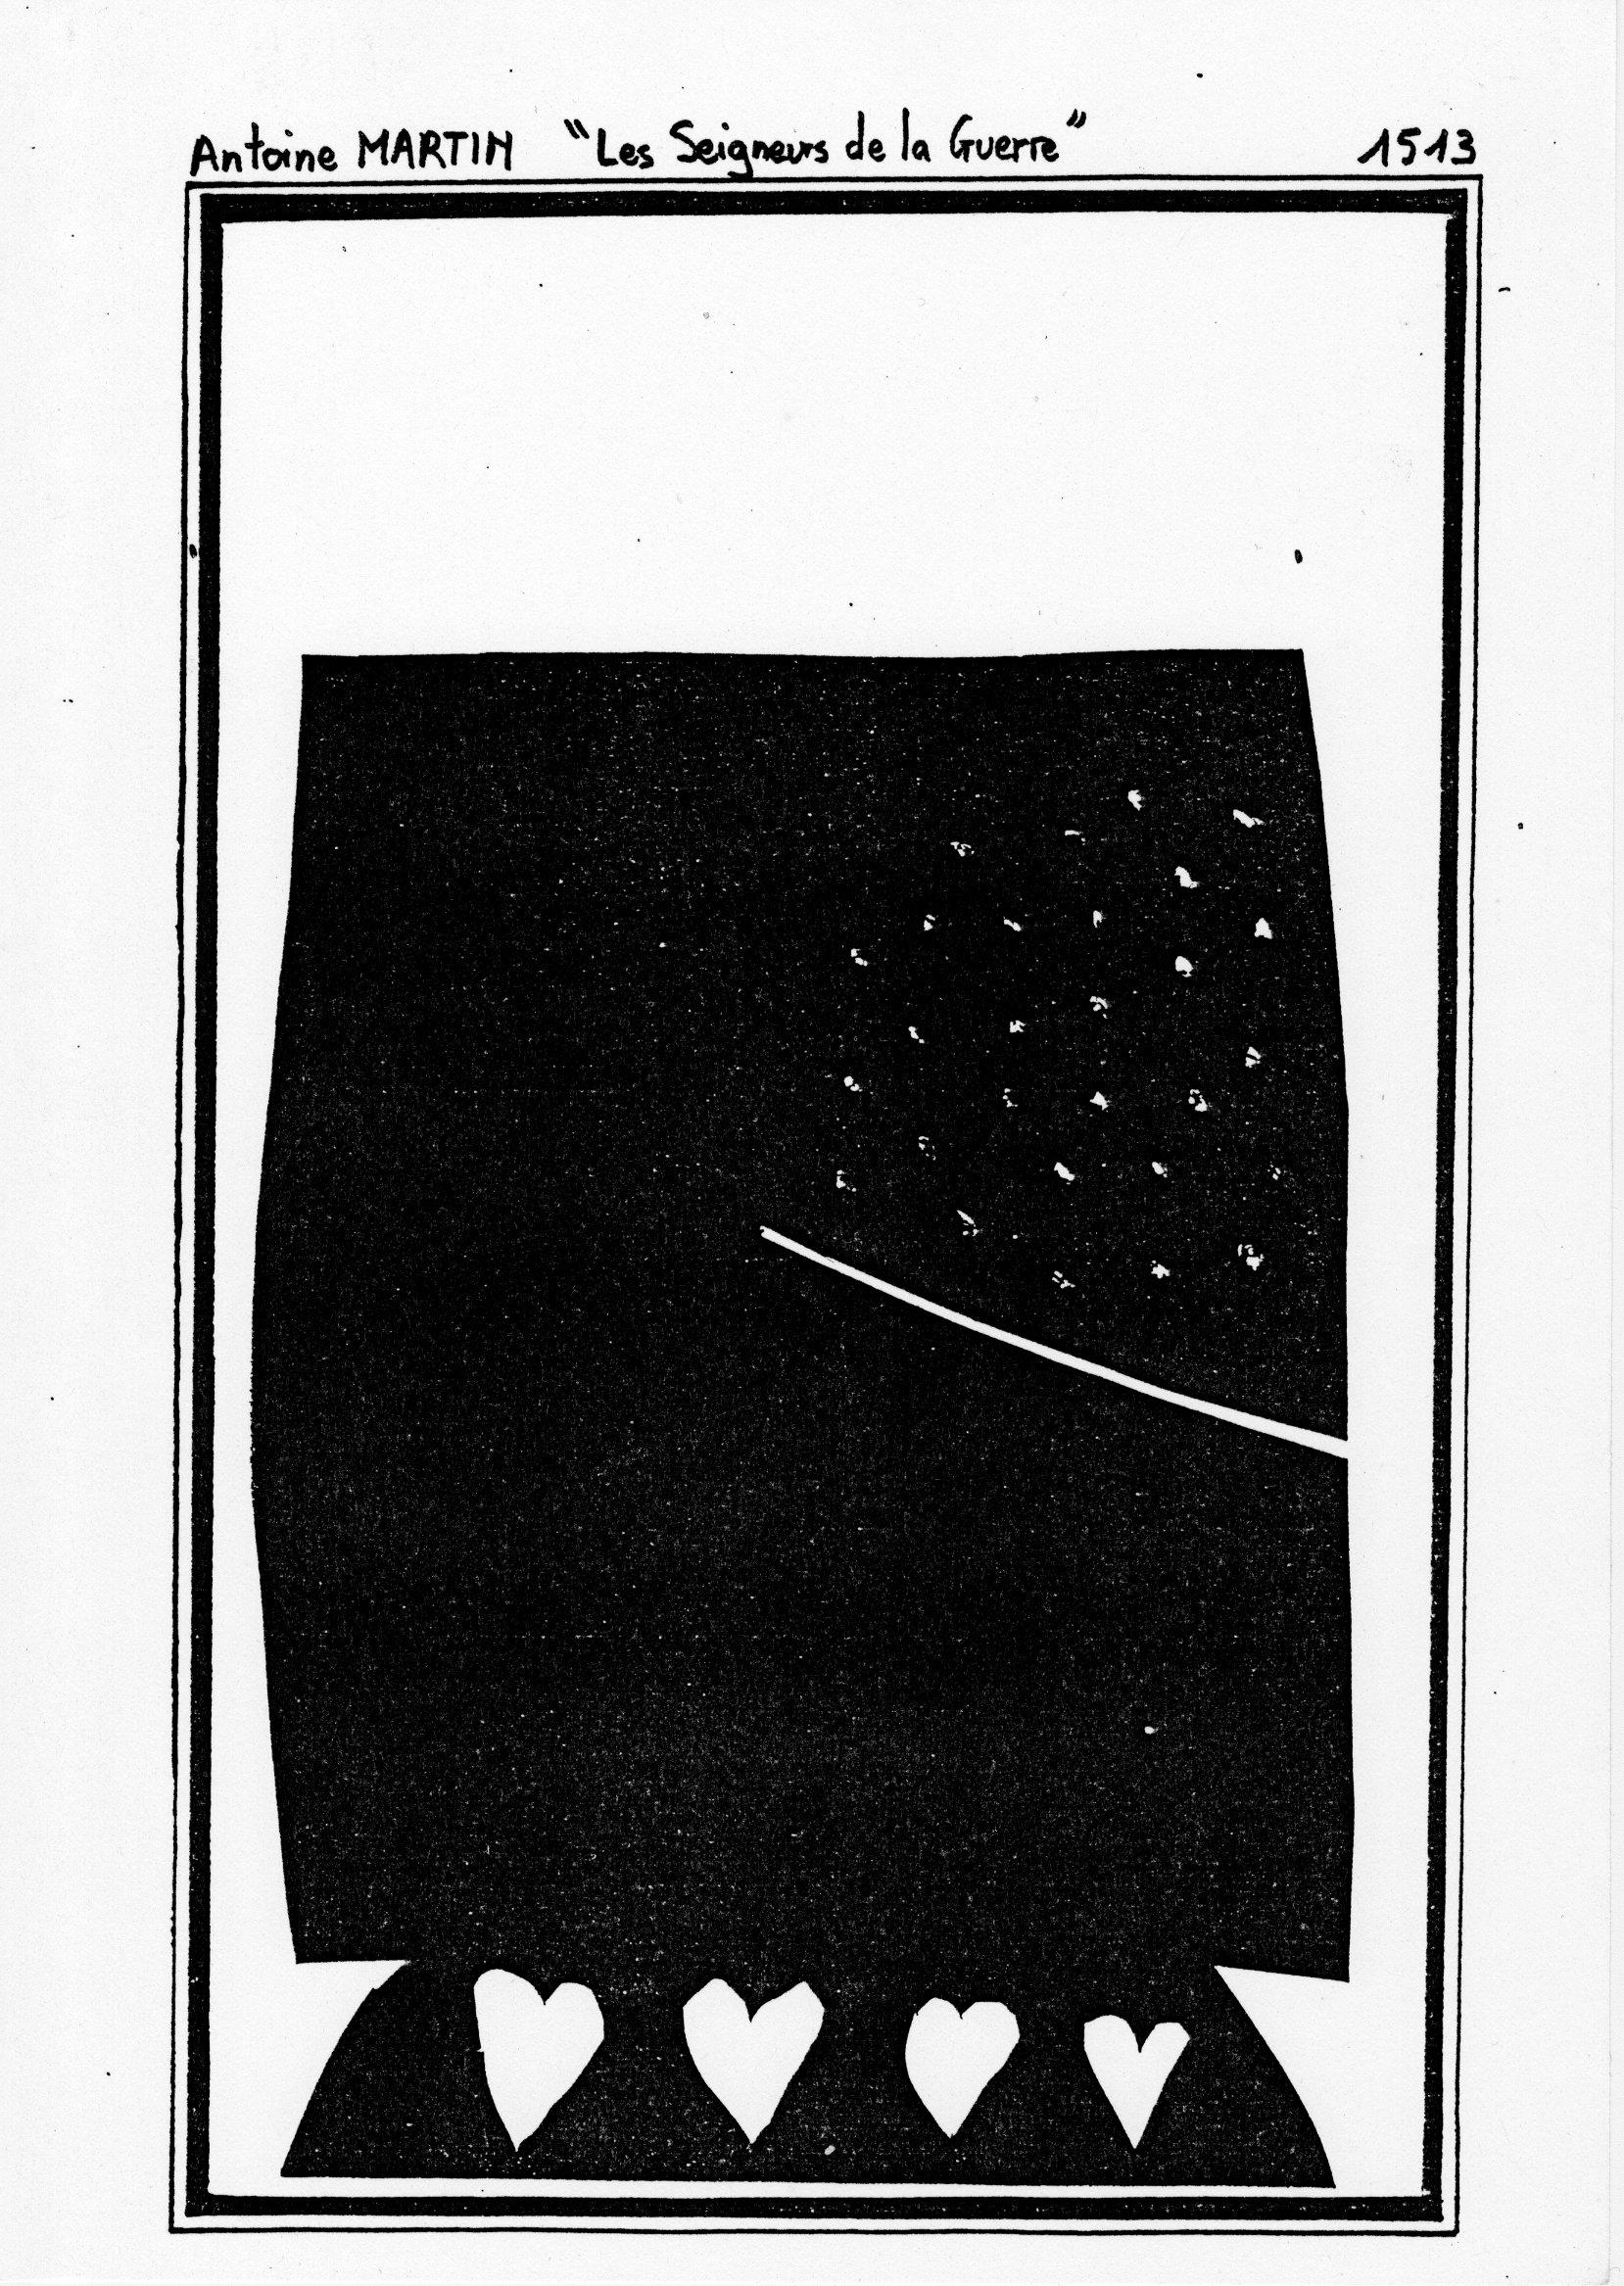 page 1513 A. Martin LES SEIGNEURS DE LA GUERRE